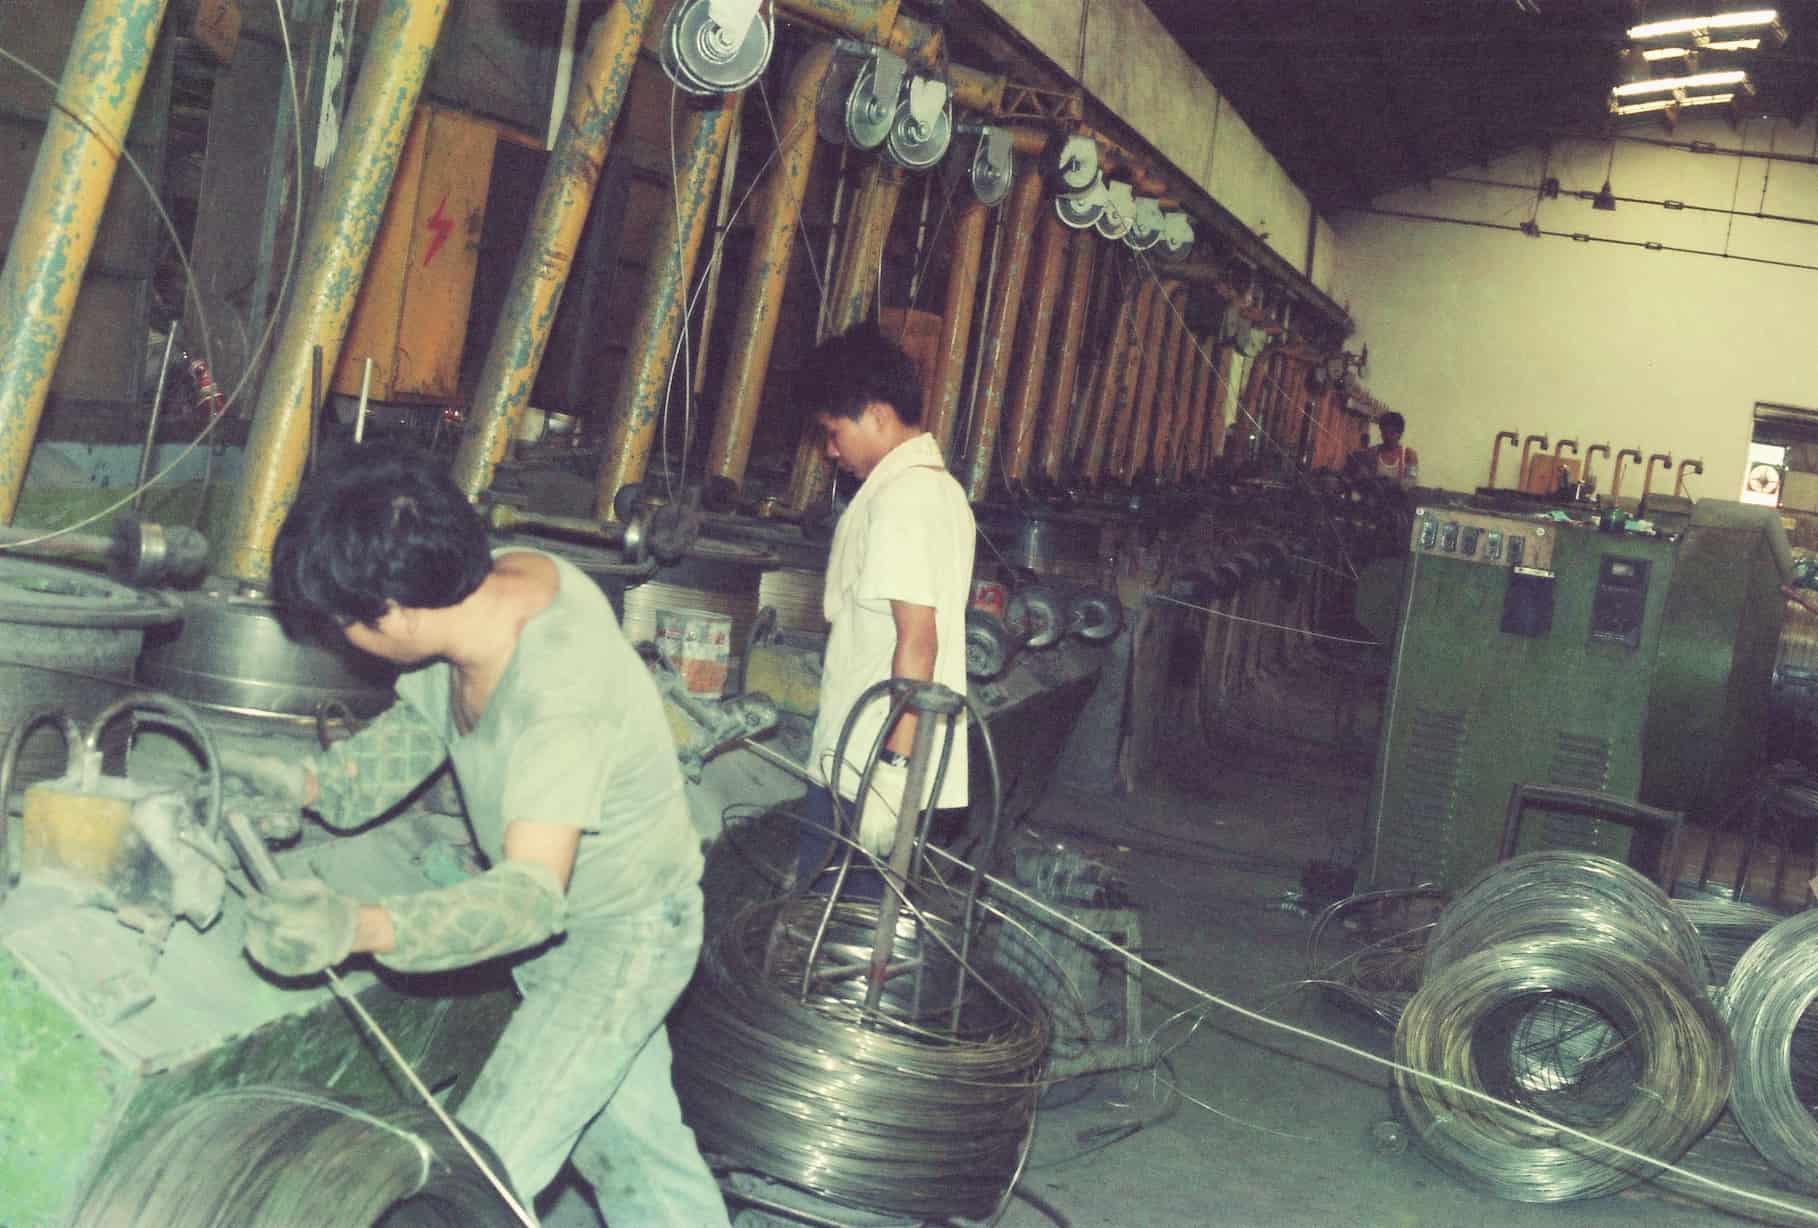 鋼藝美學_瀚龍國際CocoLin的前身:臺灣第一家不鏽鋼廠_正利不銹鋼廠內部 CocoLin stainless chain maille